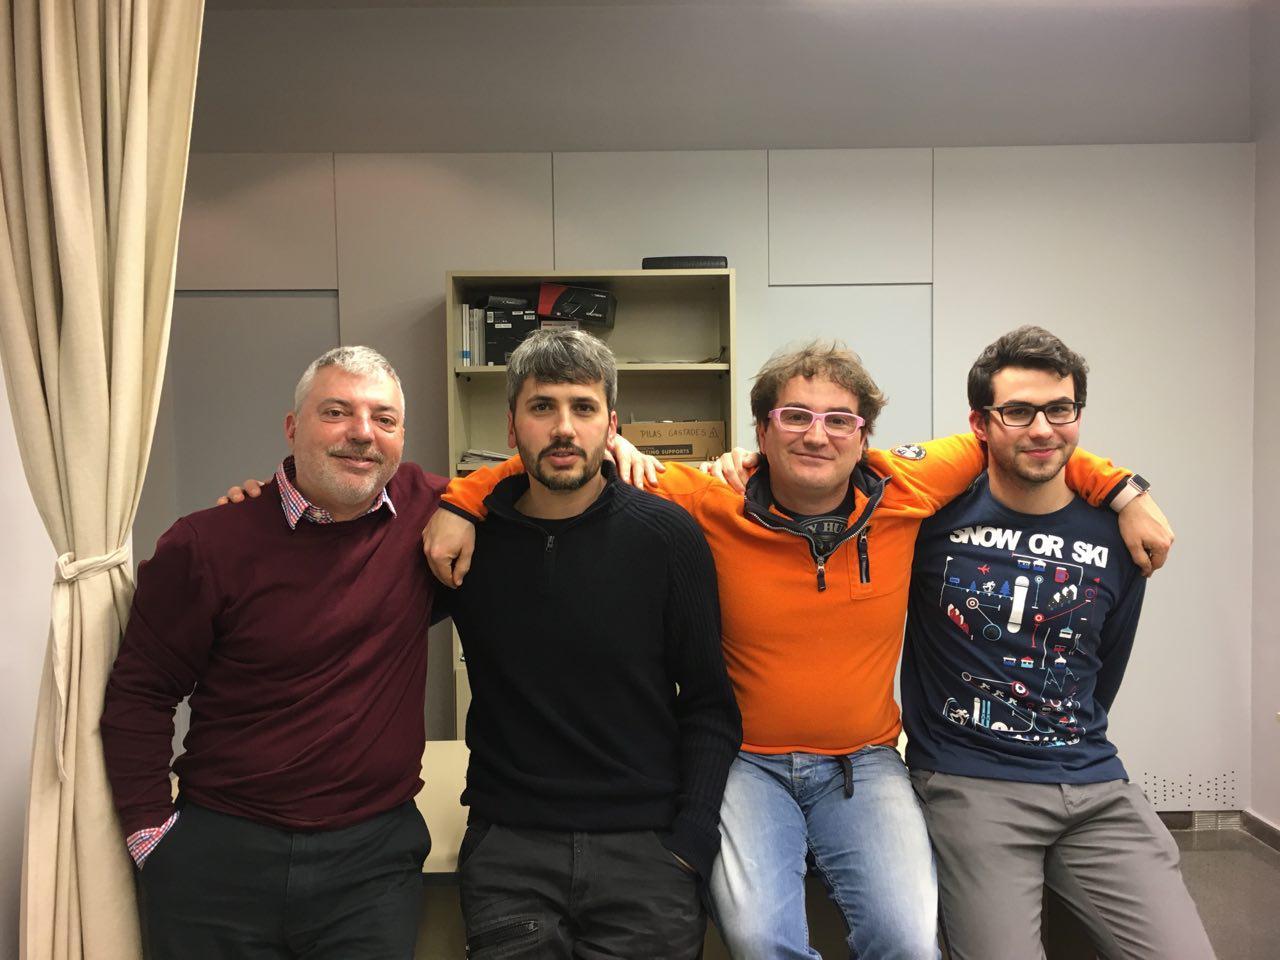 Tomàs Manzanares, Carles Caño, Marc Alier i Miquel Àngel Cabrera